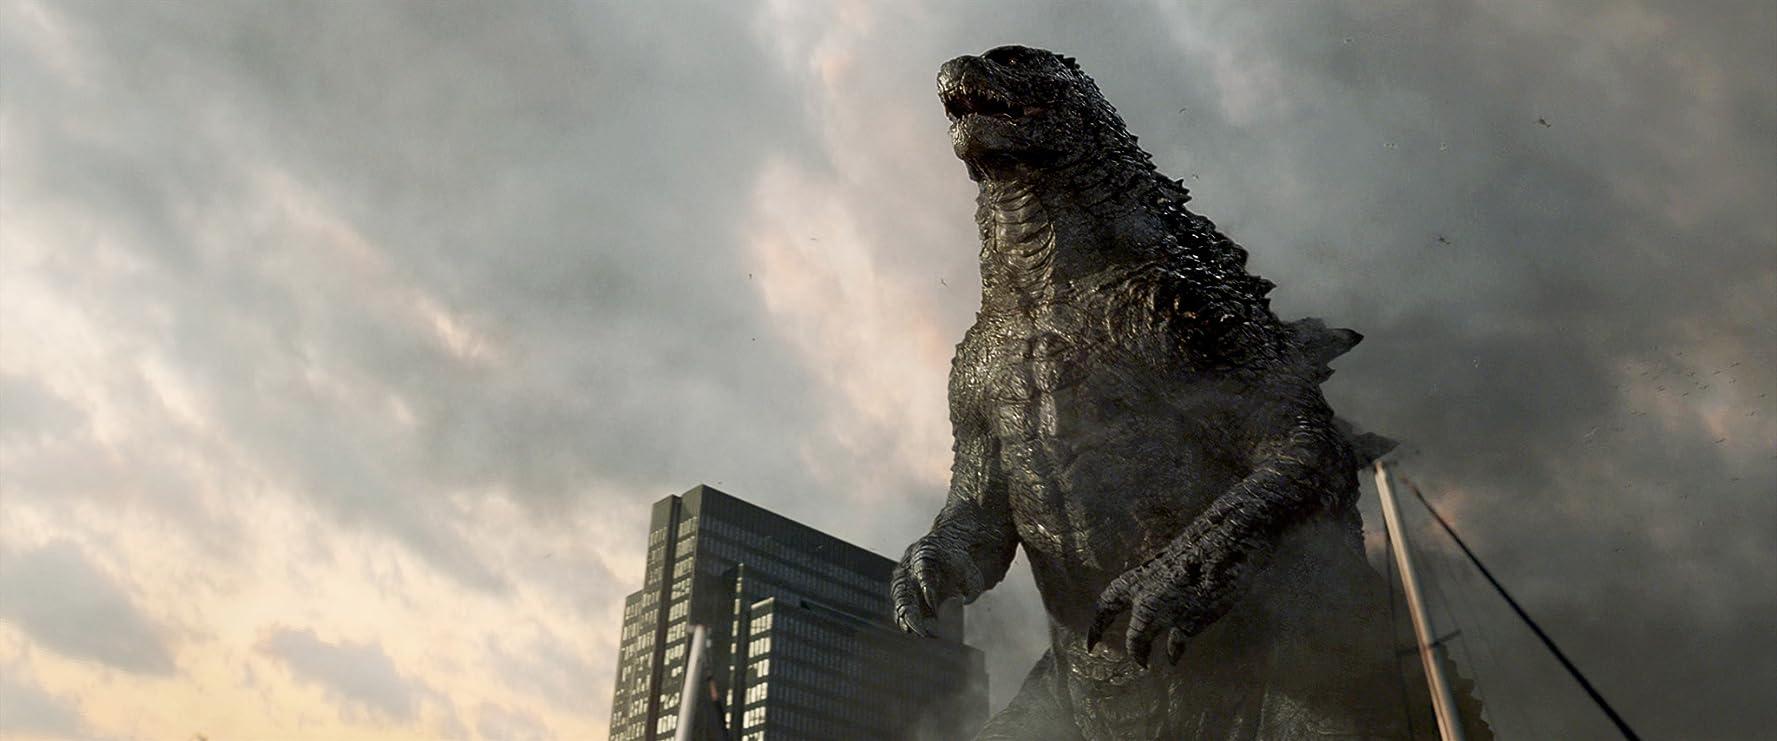 De recensie van Godzilla